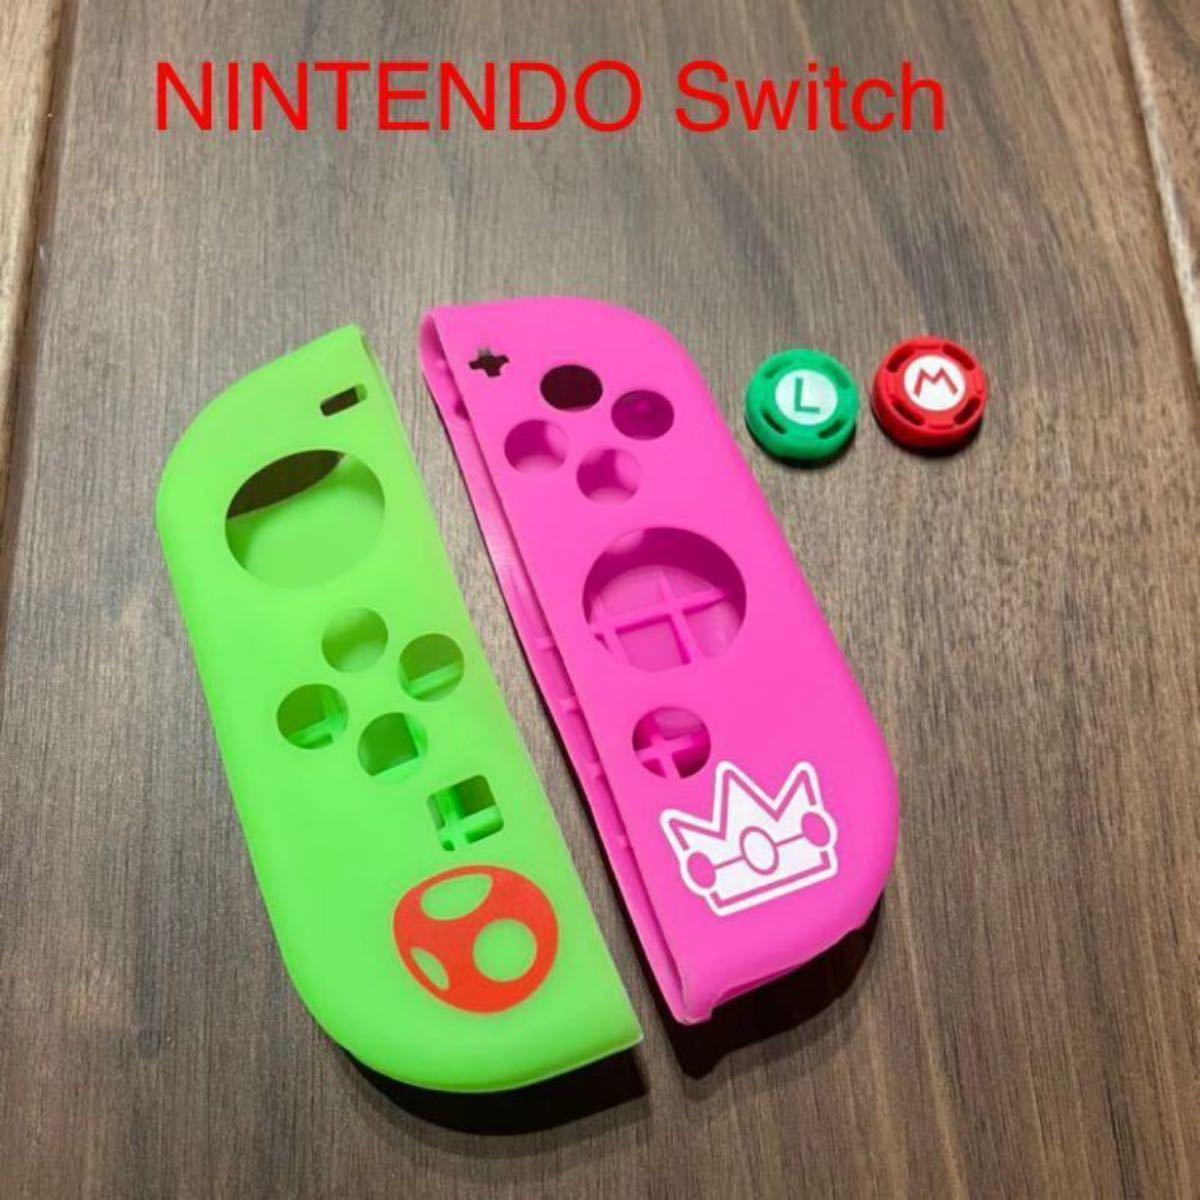 ニンテンドースイッチ☆Nintendo Switchシリコンカバー☆ジョイコン任天堂Switchジョイコンカバー スティックカバー